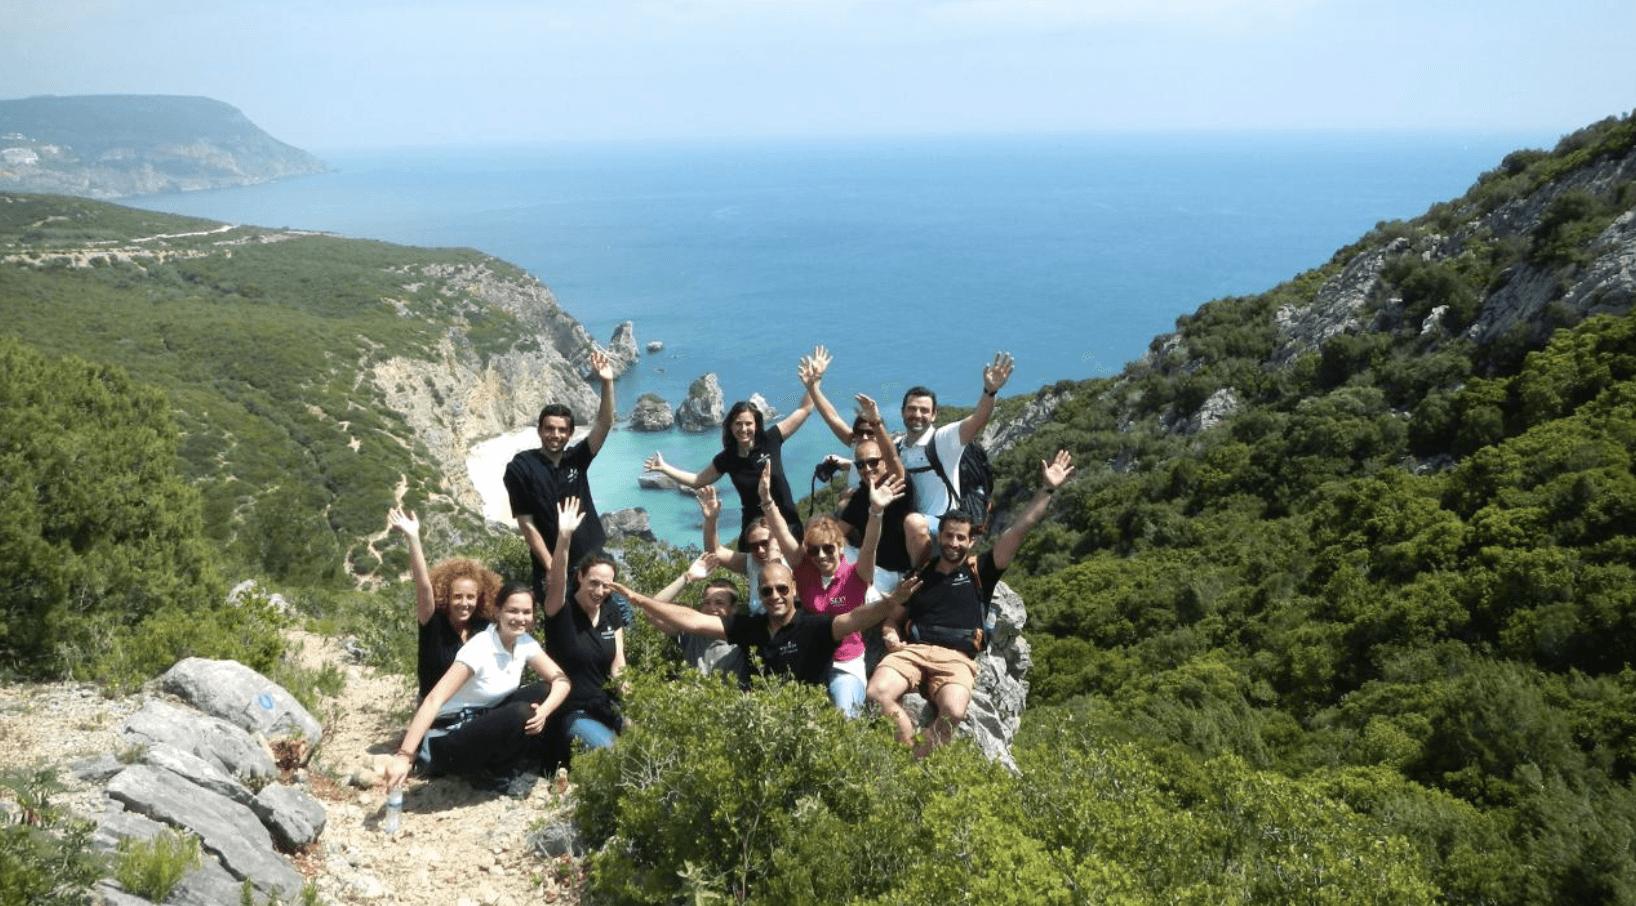 Randonnée dans le parc naturel d'Arrábida